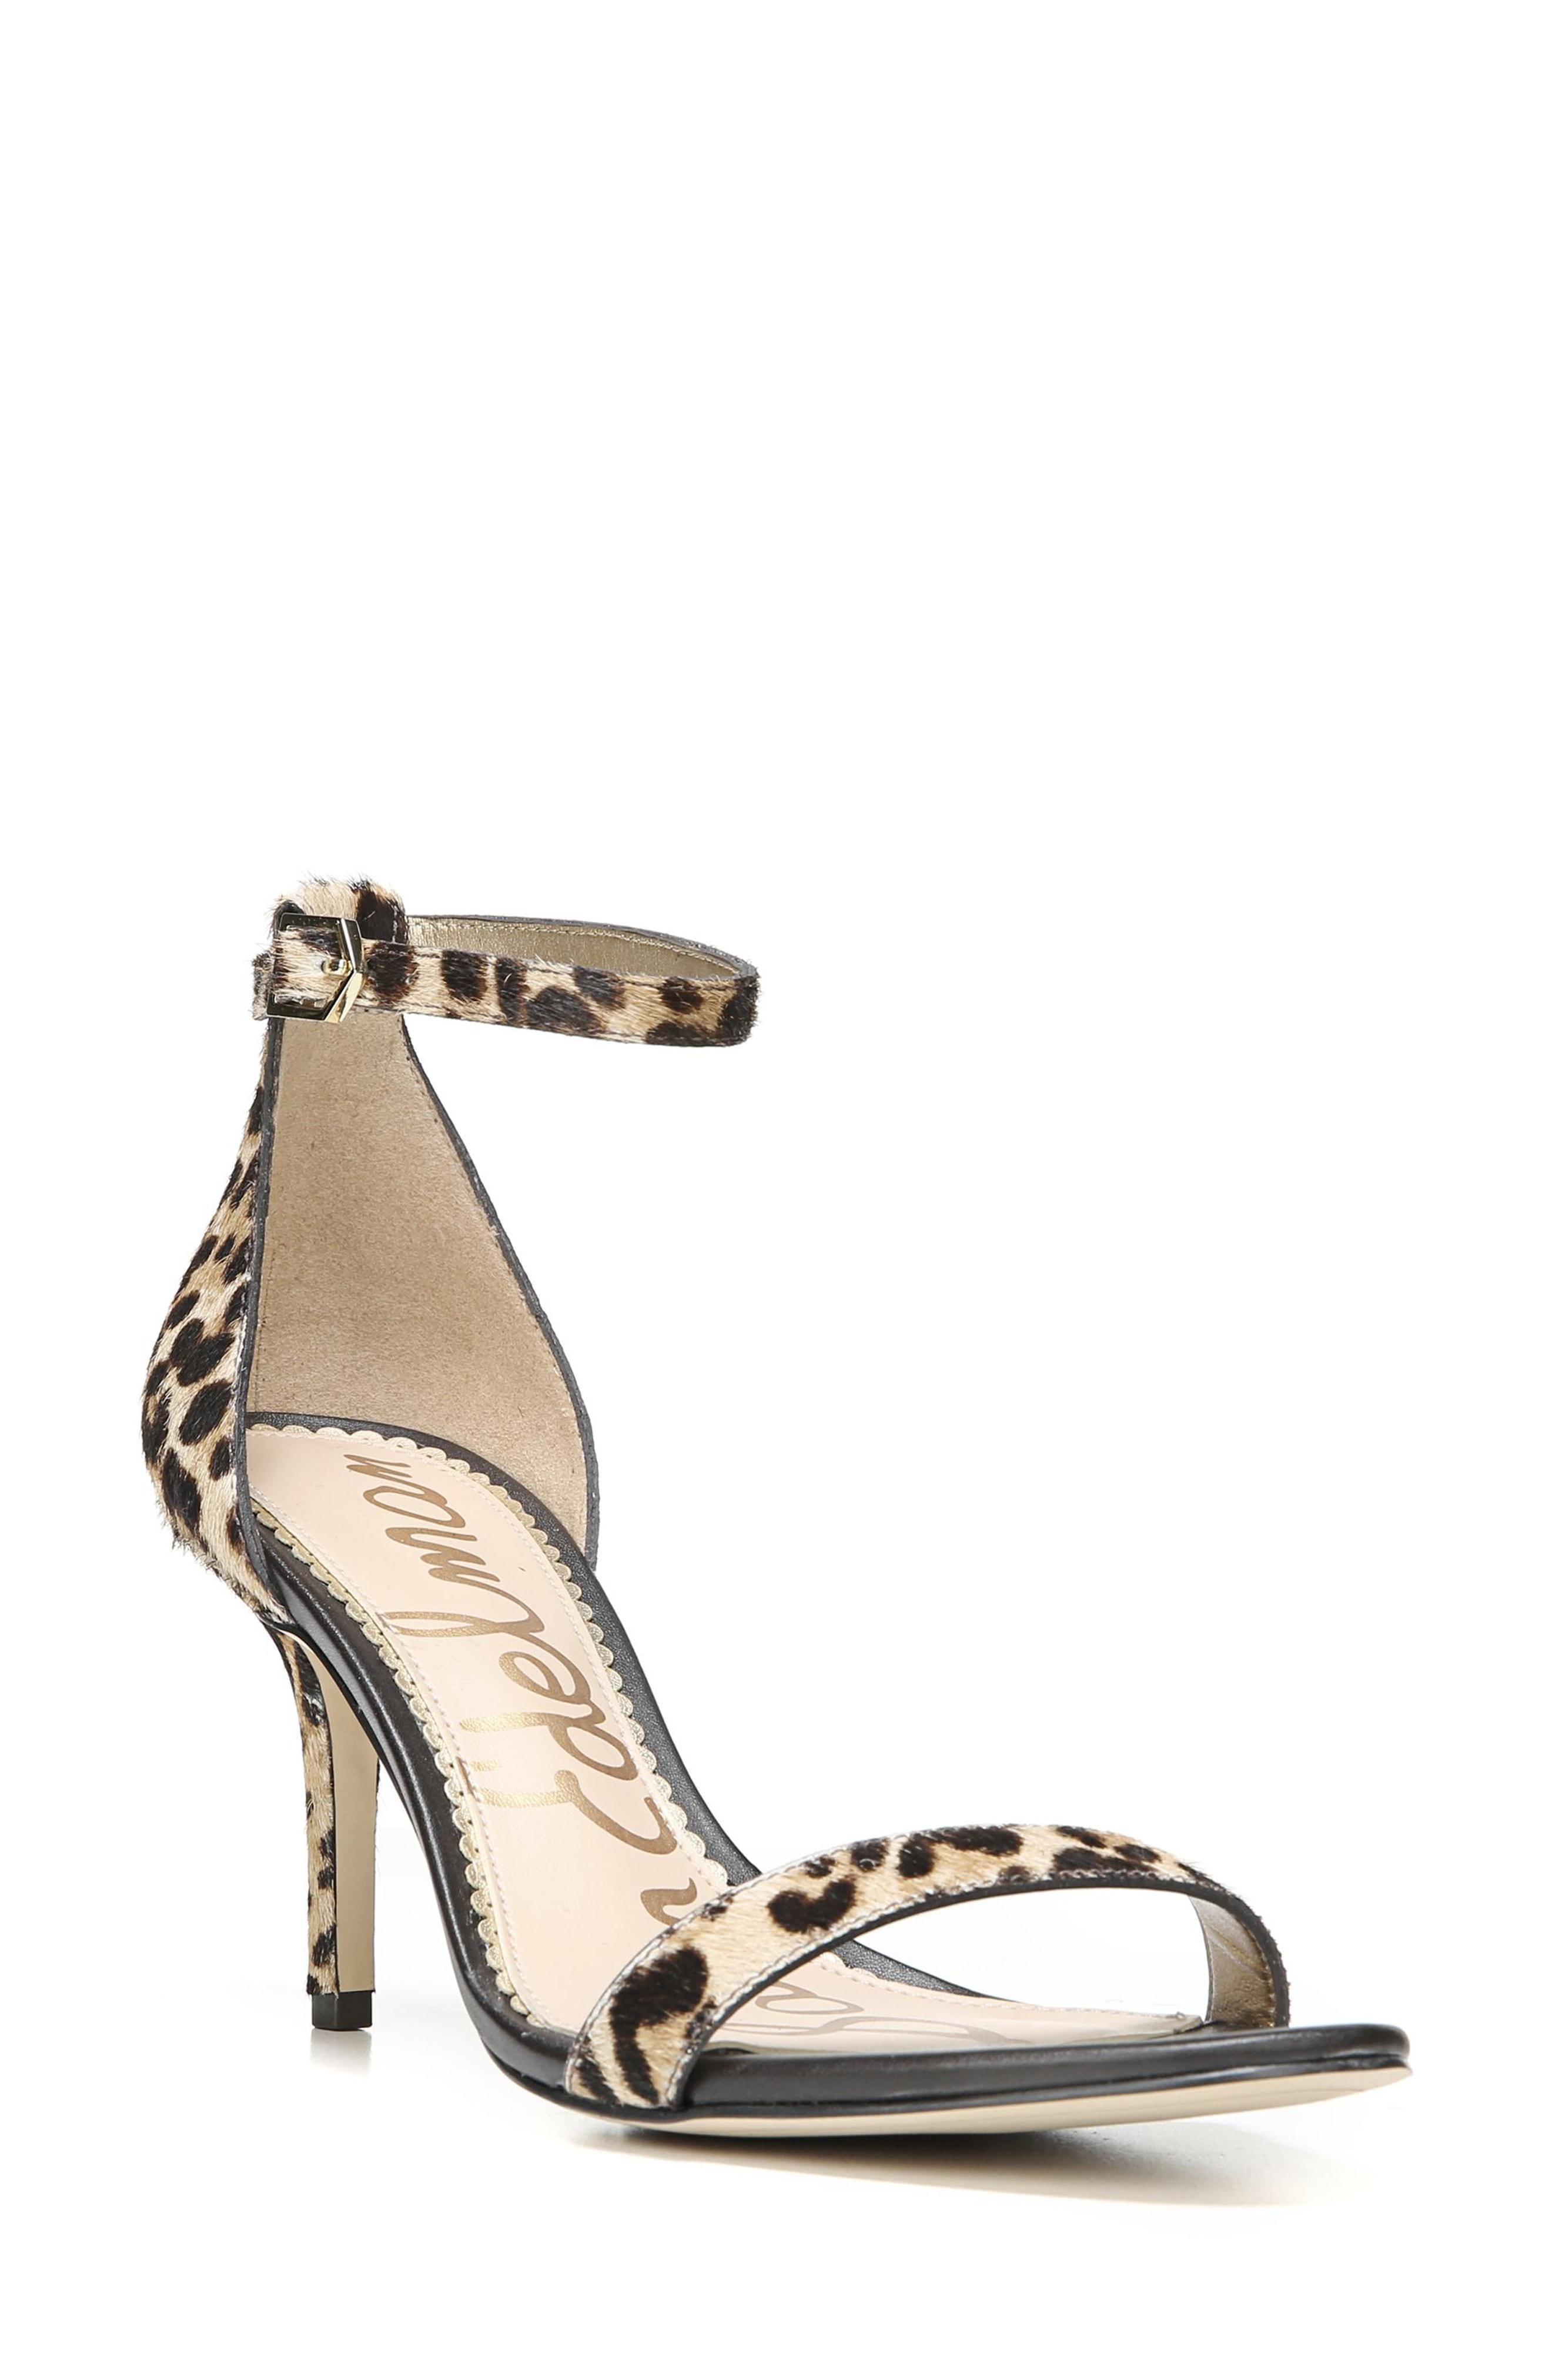 f3e600f9179 Lyst - Sam Edelman  patti  Ankle Strap Sandal in Natural - Save 16%